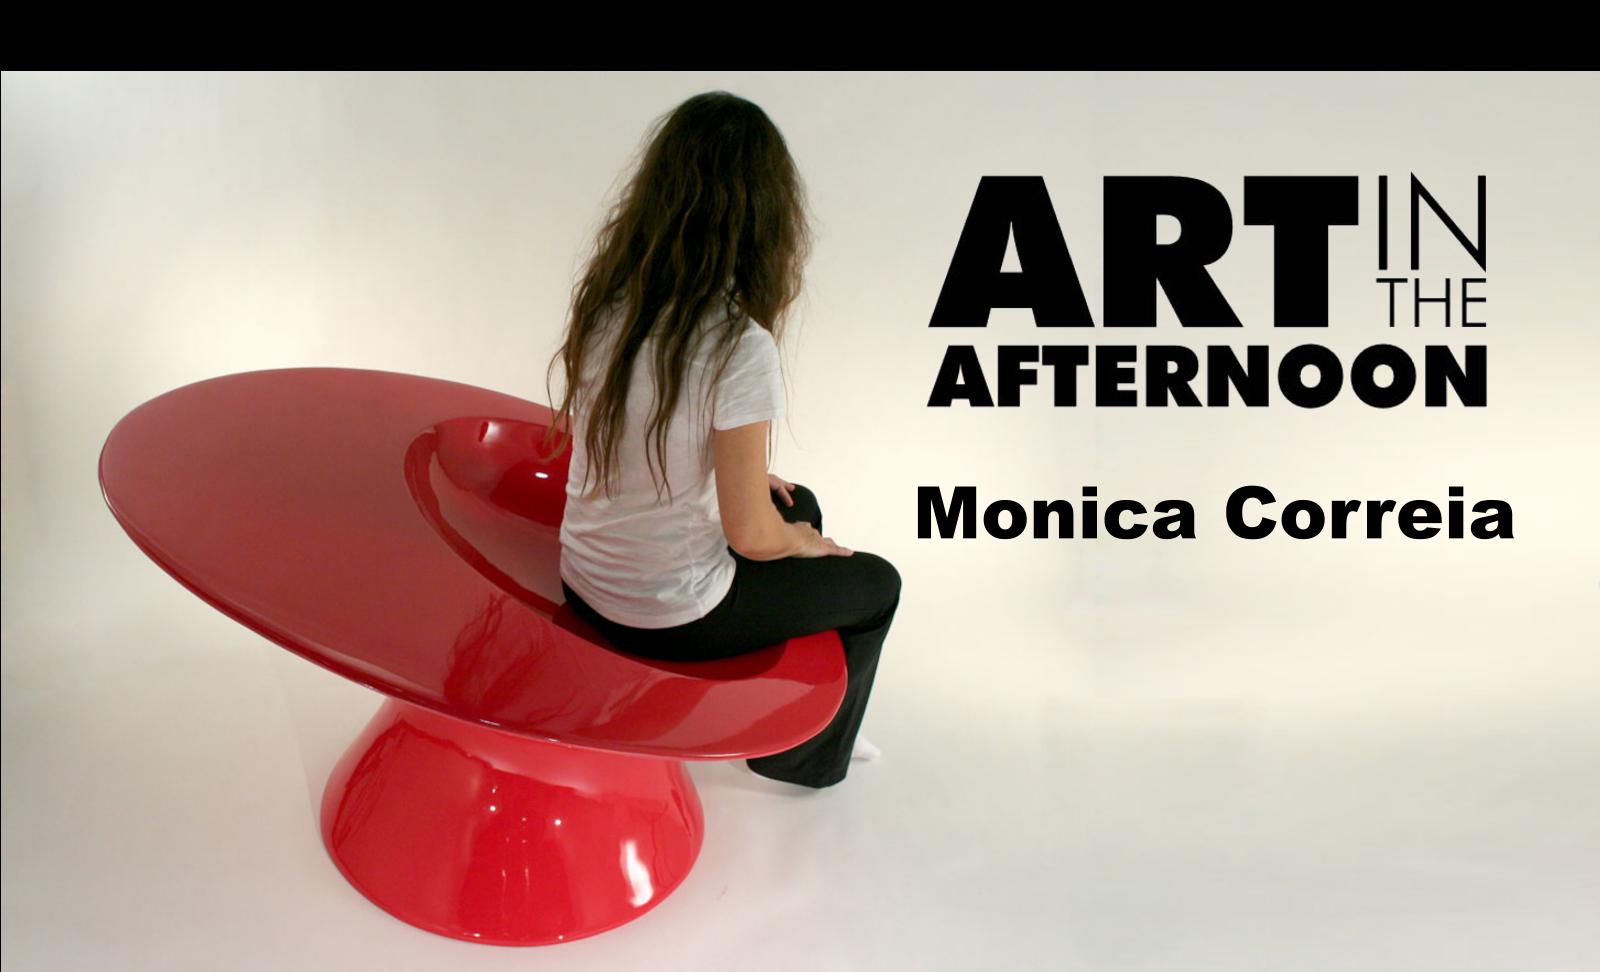 Monica Correia